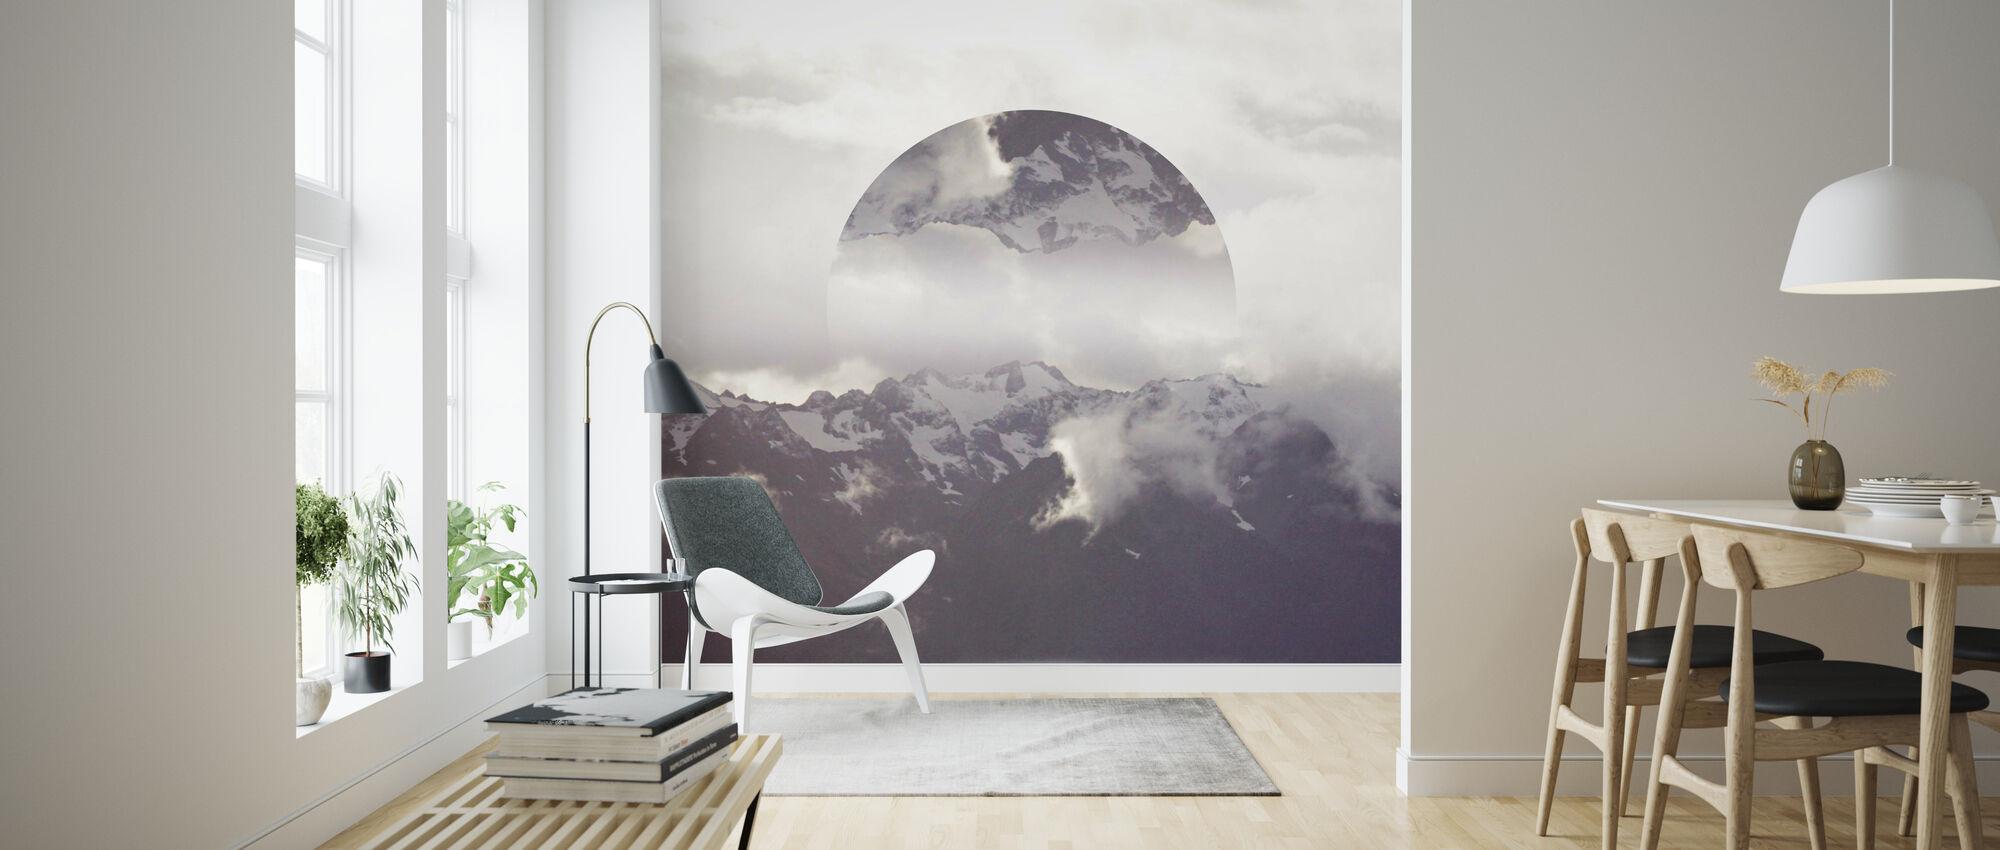 Reflected Landscape 2 - Wallpaper - Living Room